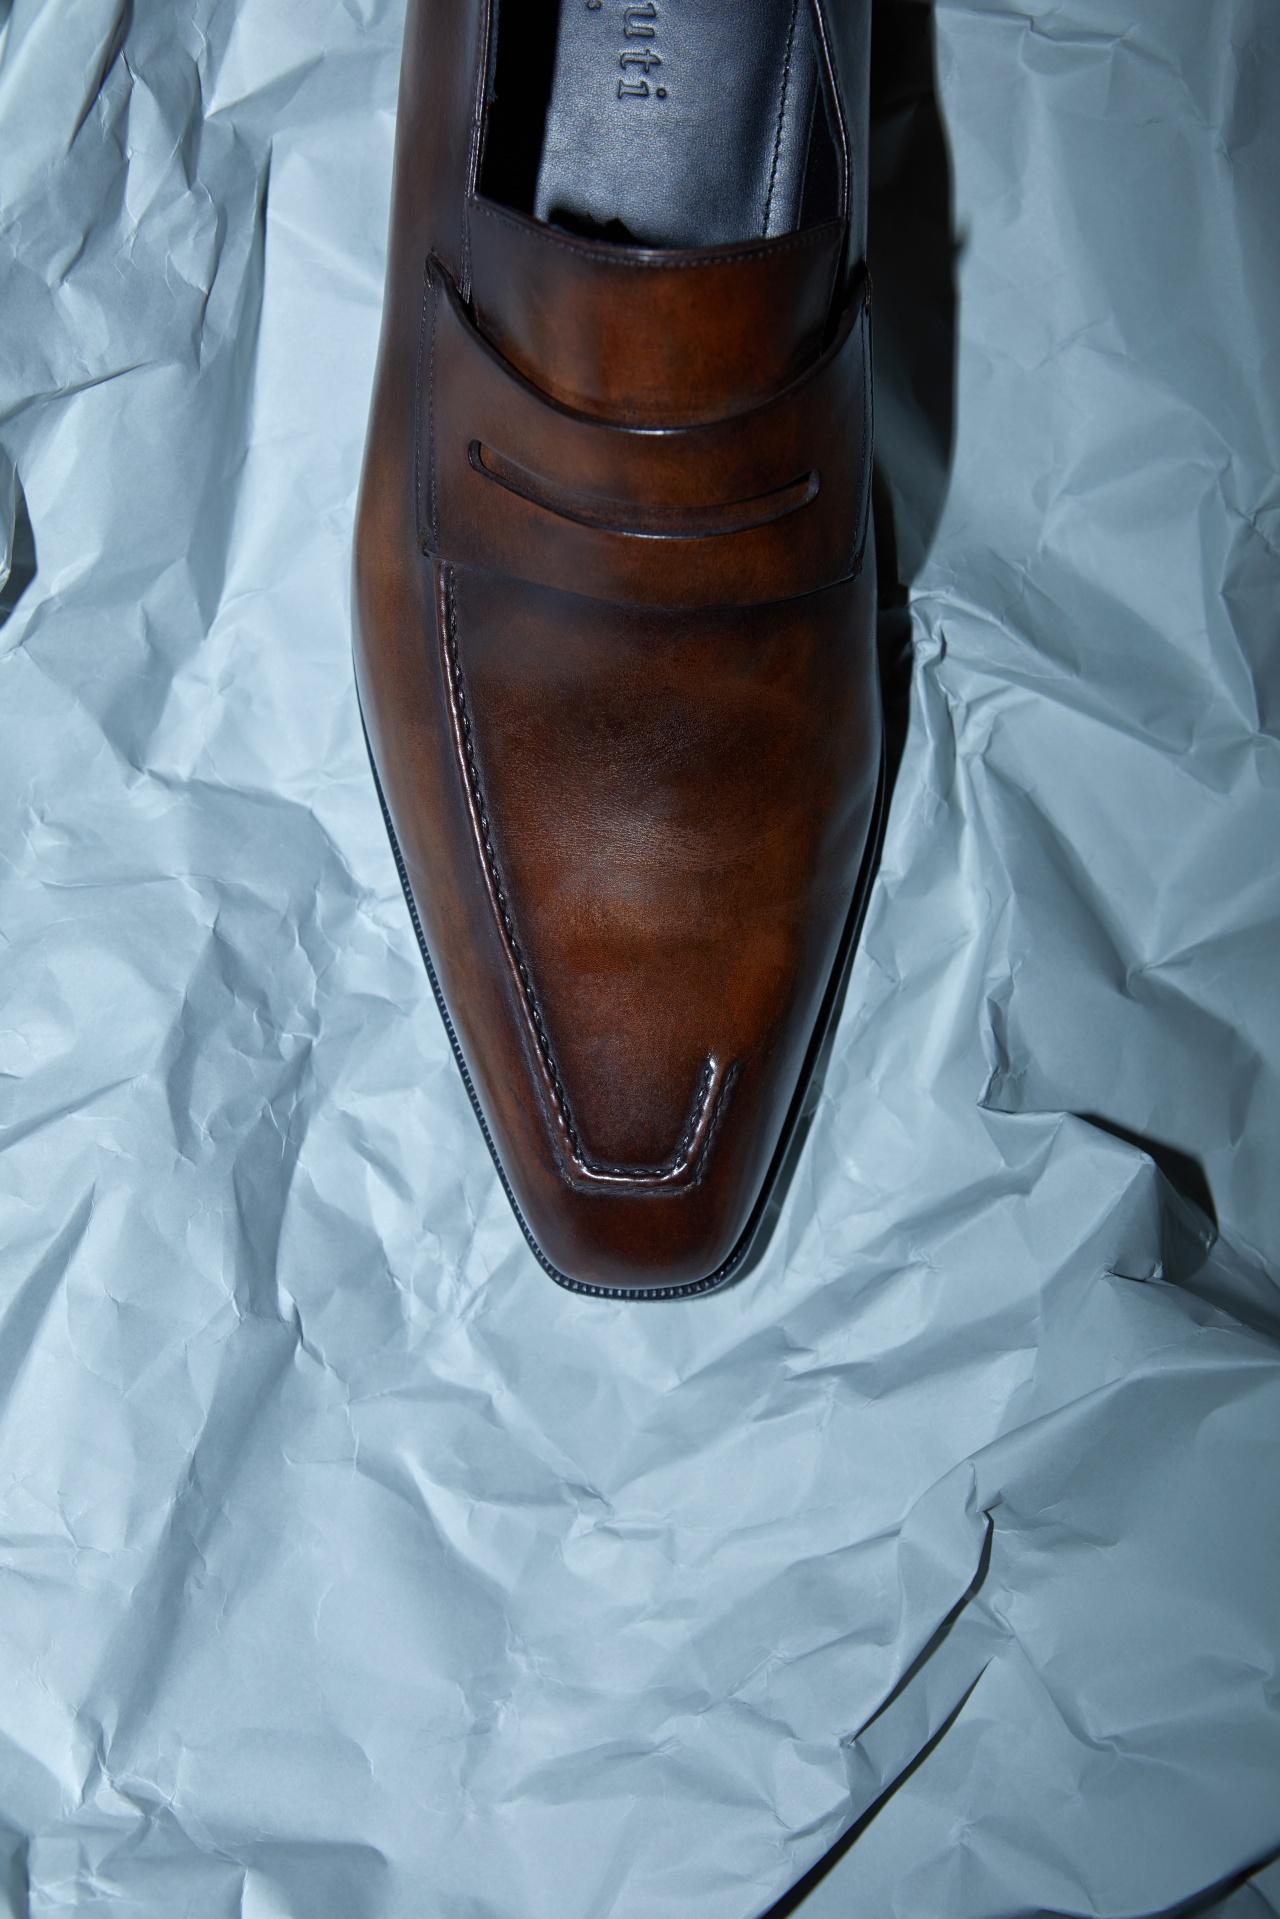 앞코가 뾰족한 갈색 로퍼 249만원 벨루티.